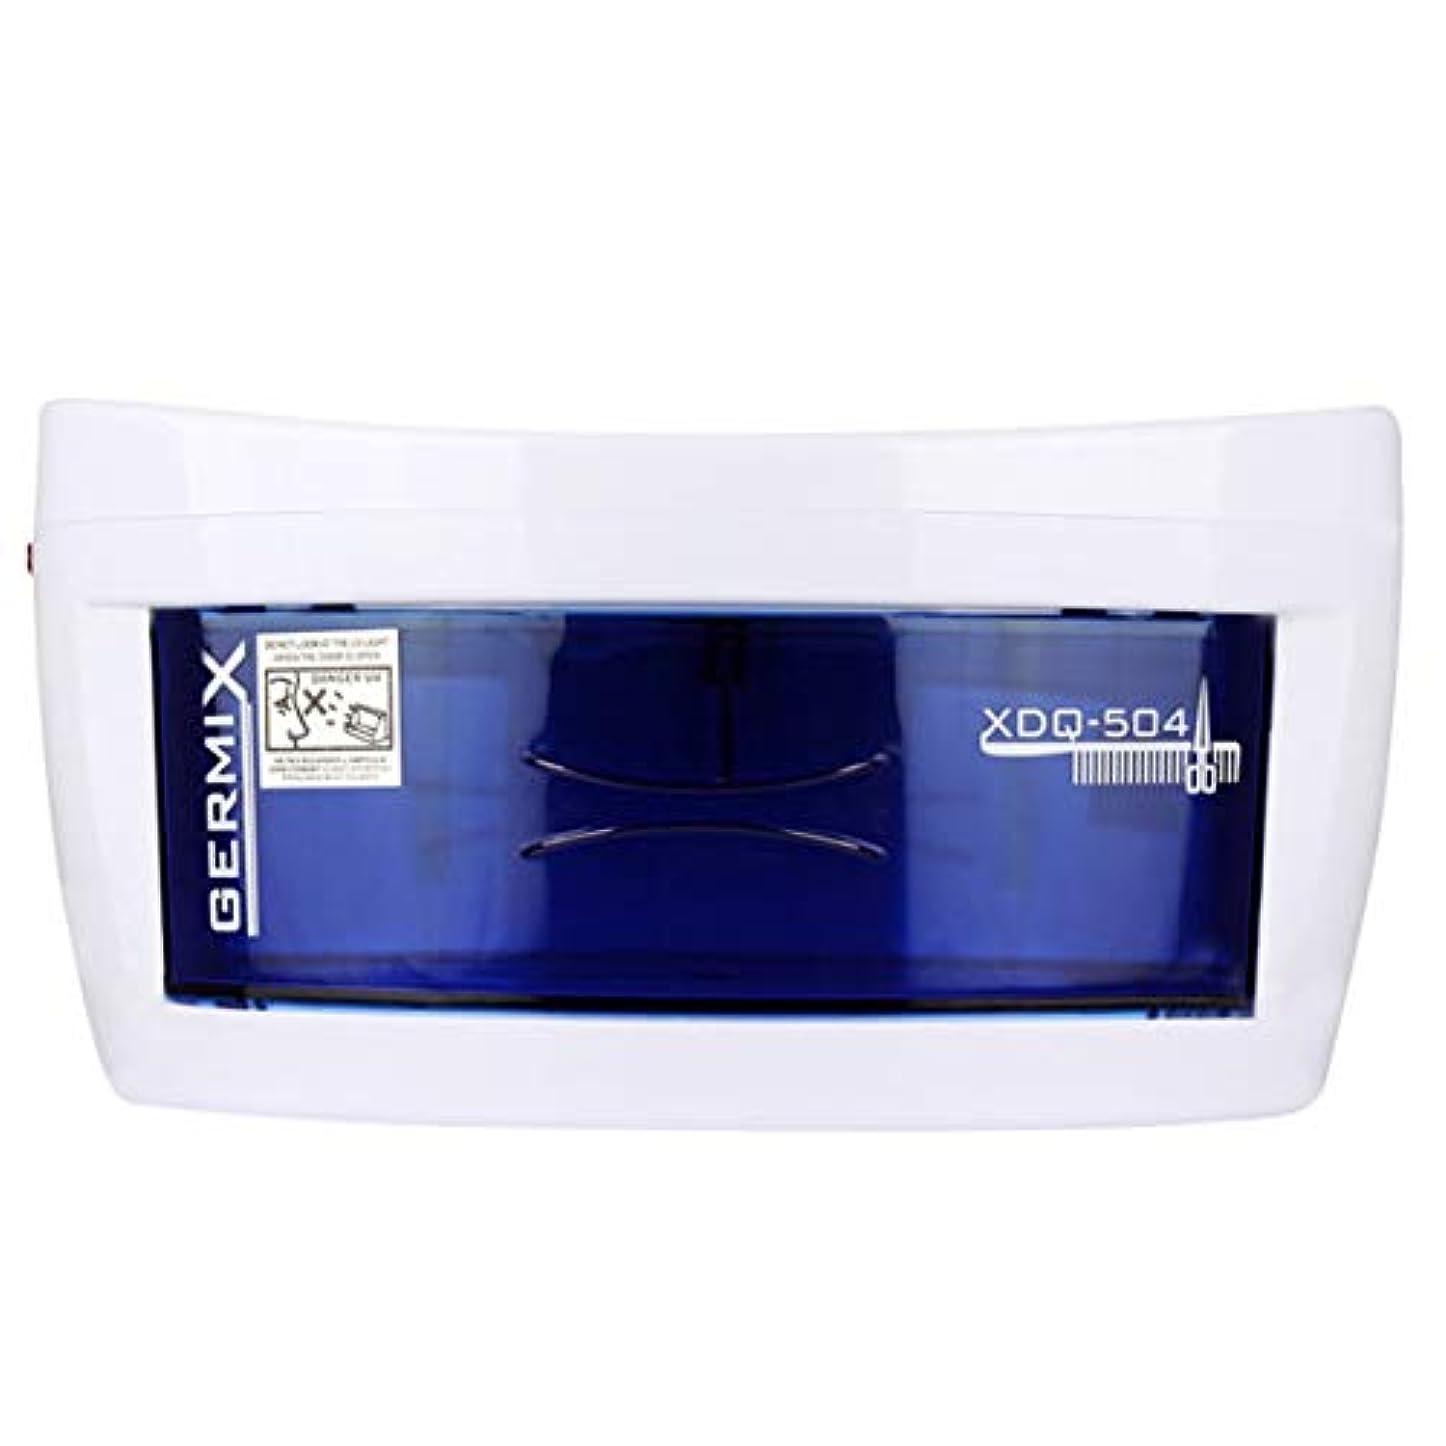 今対話エレベーターIntercorey UV滅菌器ネイルアートネイル滅菌器マニキュアマシンUV消毒滅菌器ボックスネイルツール滅菌器ネイルサロン